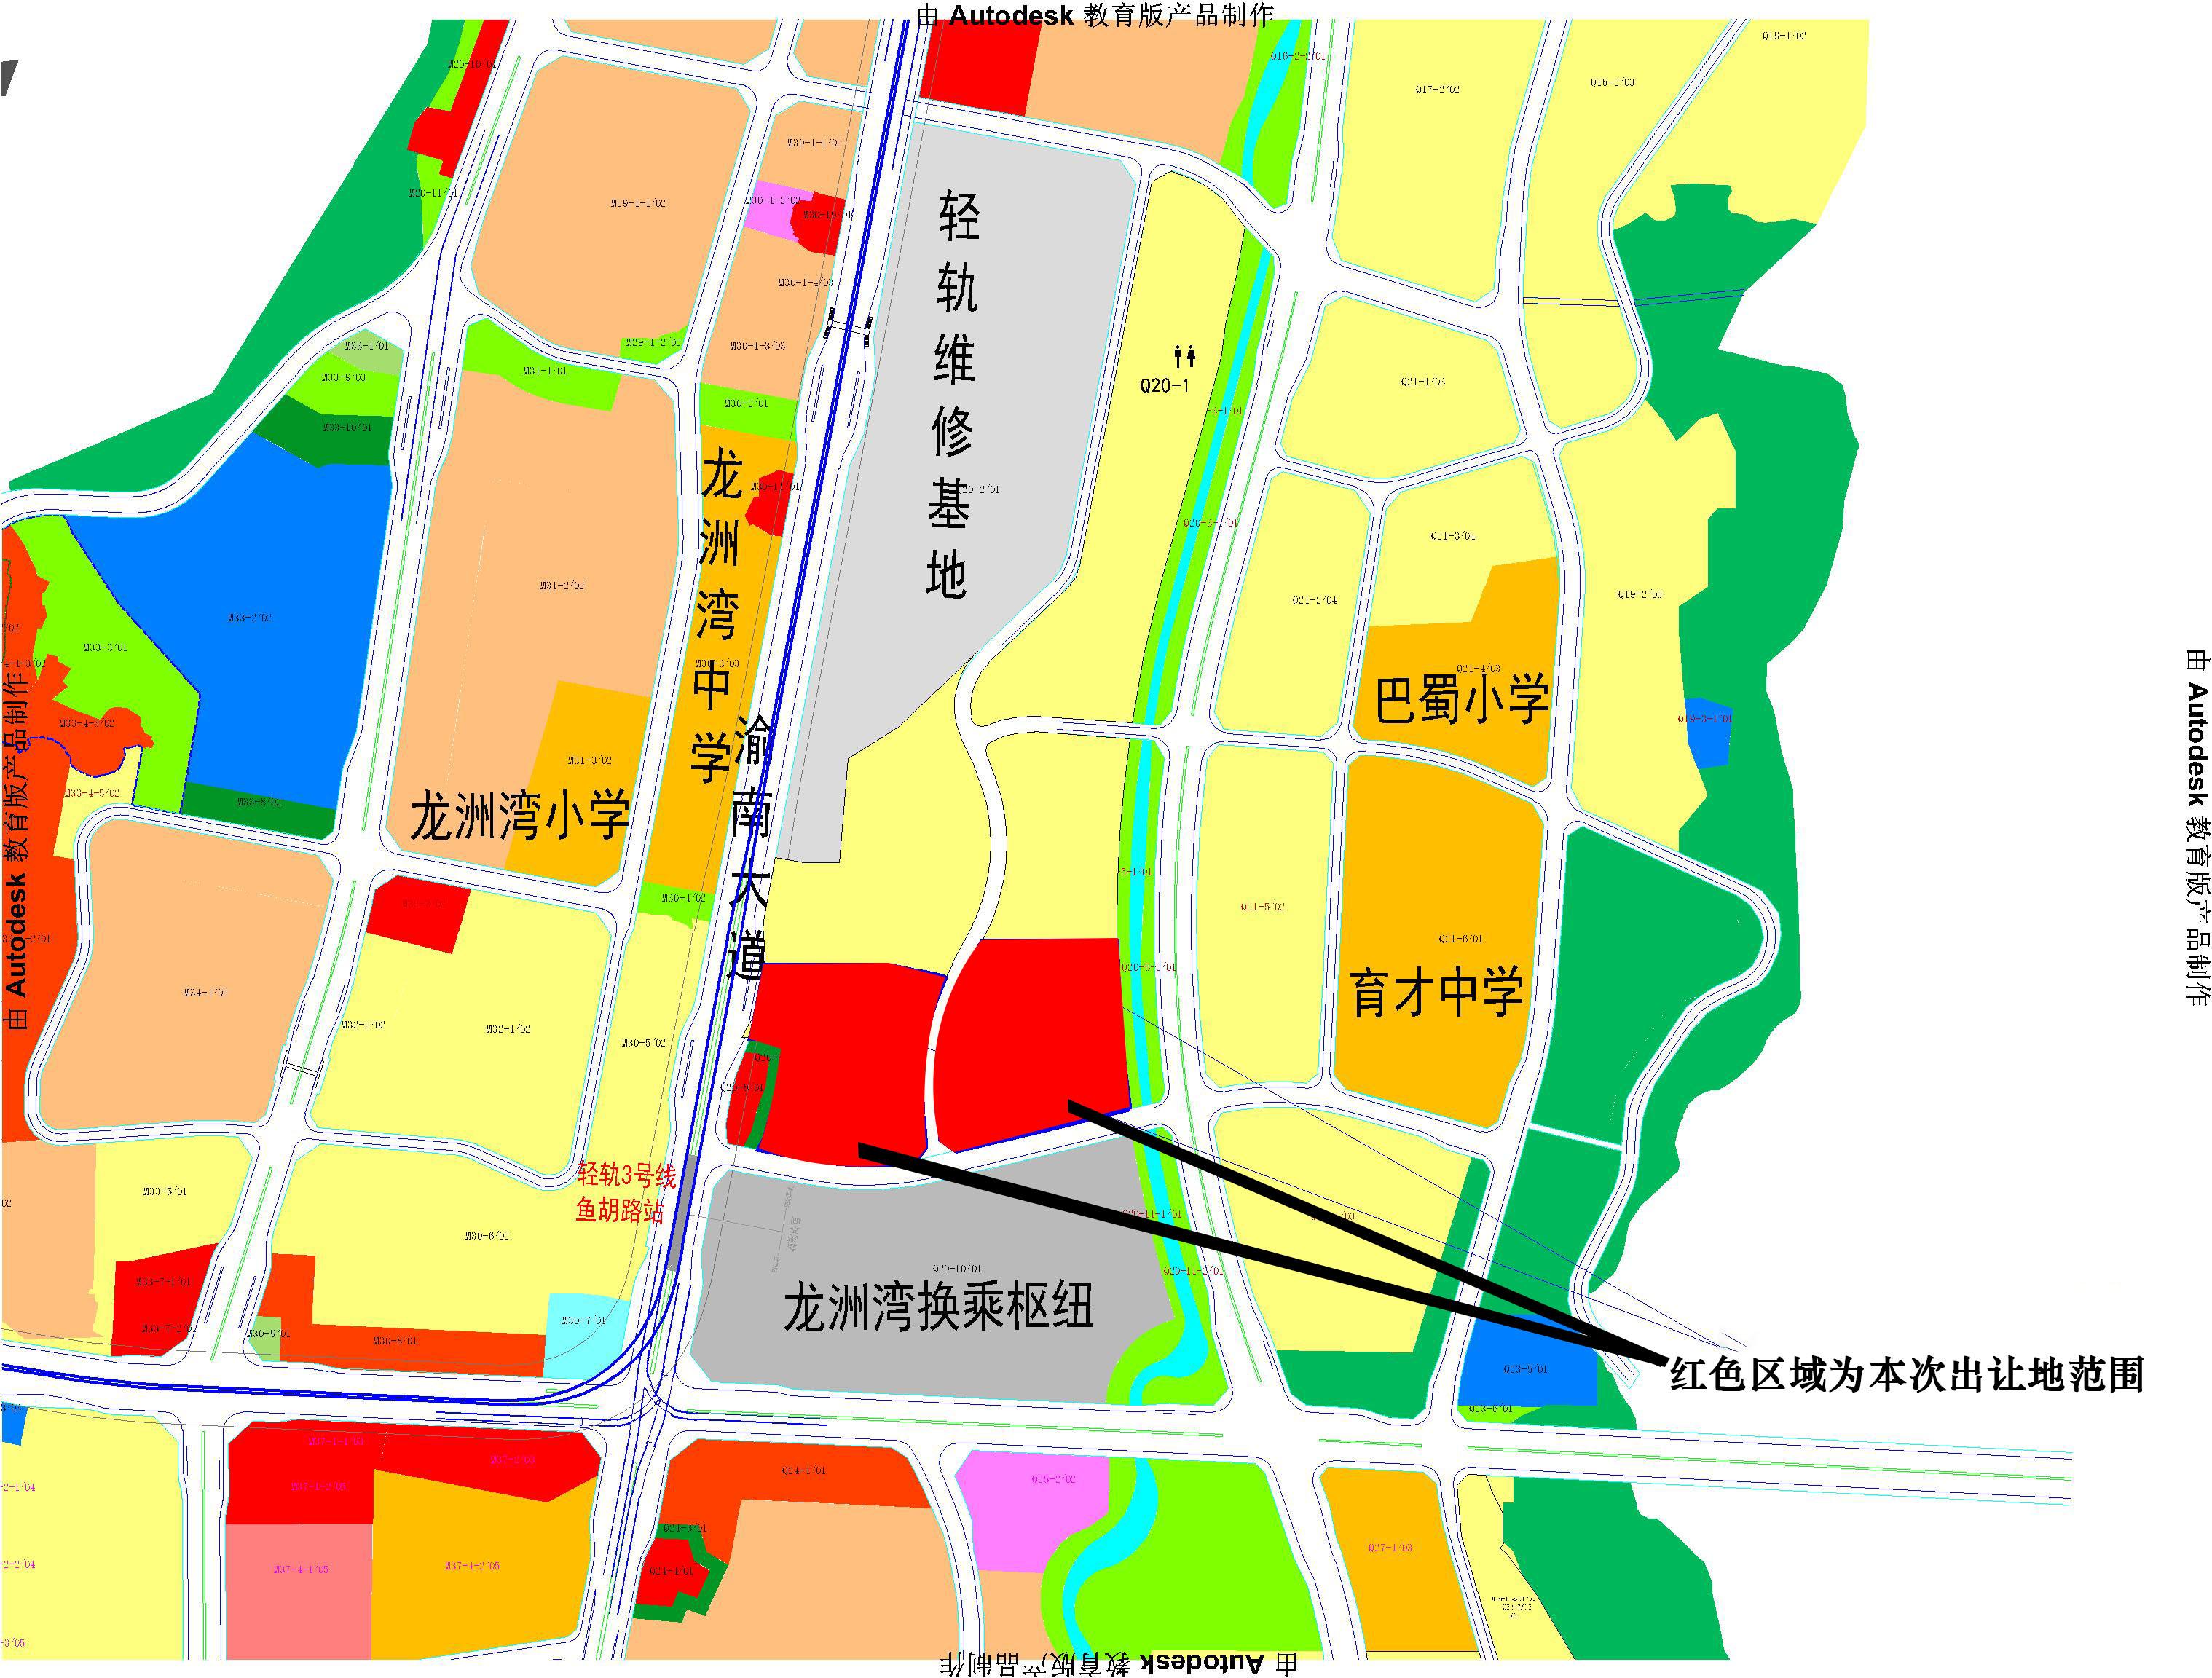 城规示意图1.jpg